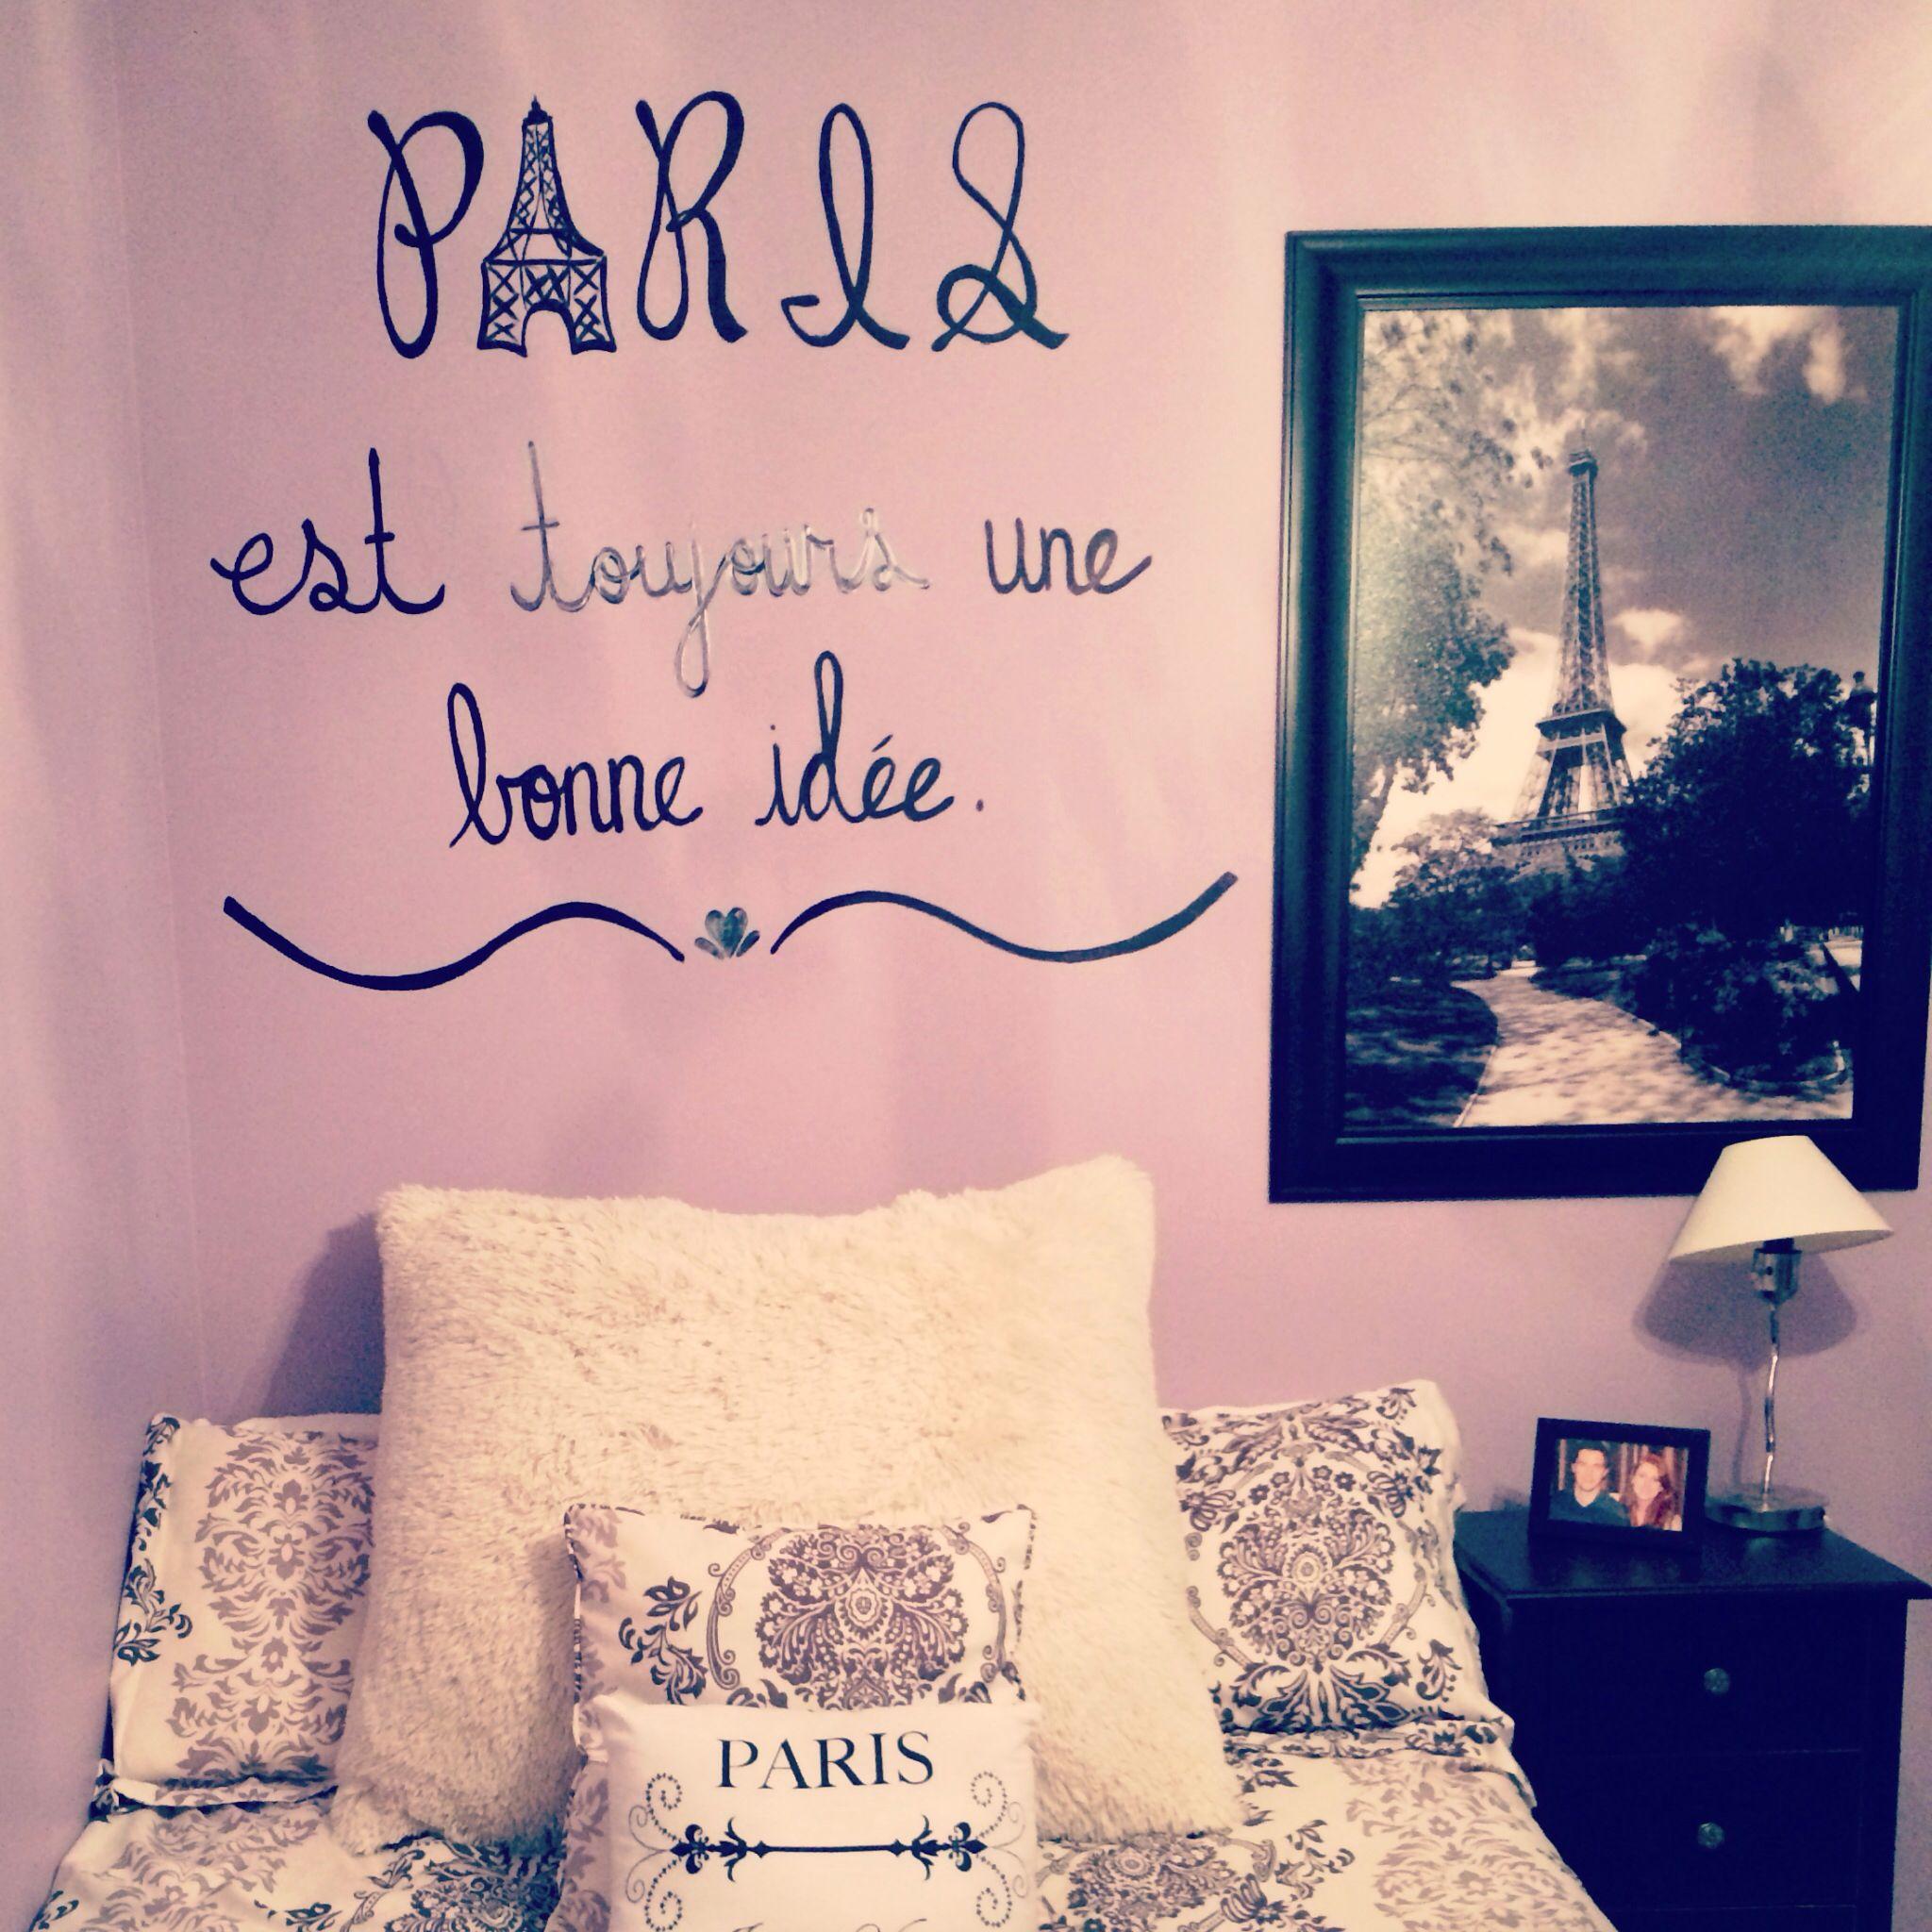 paris themed bedroom ideas paris est toujours une bonne ide